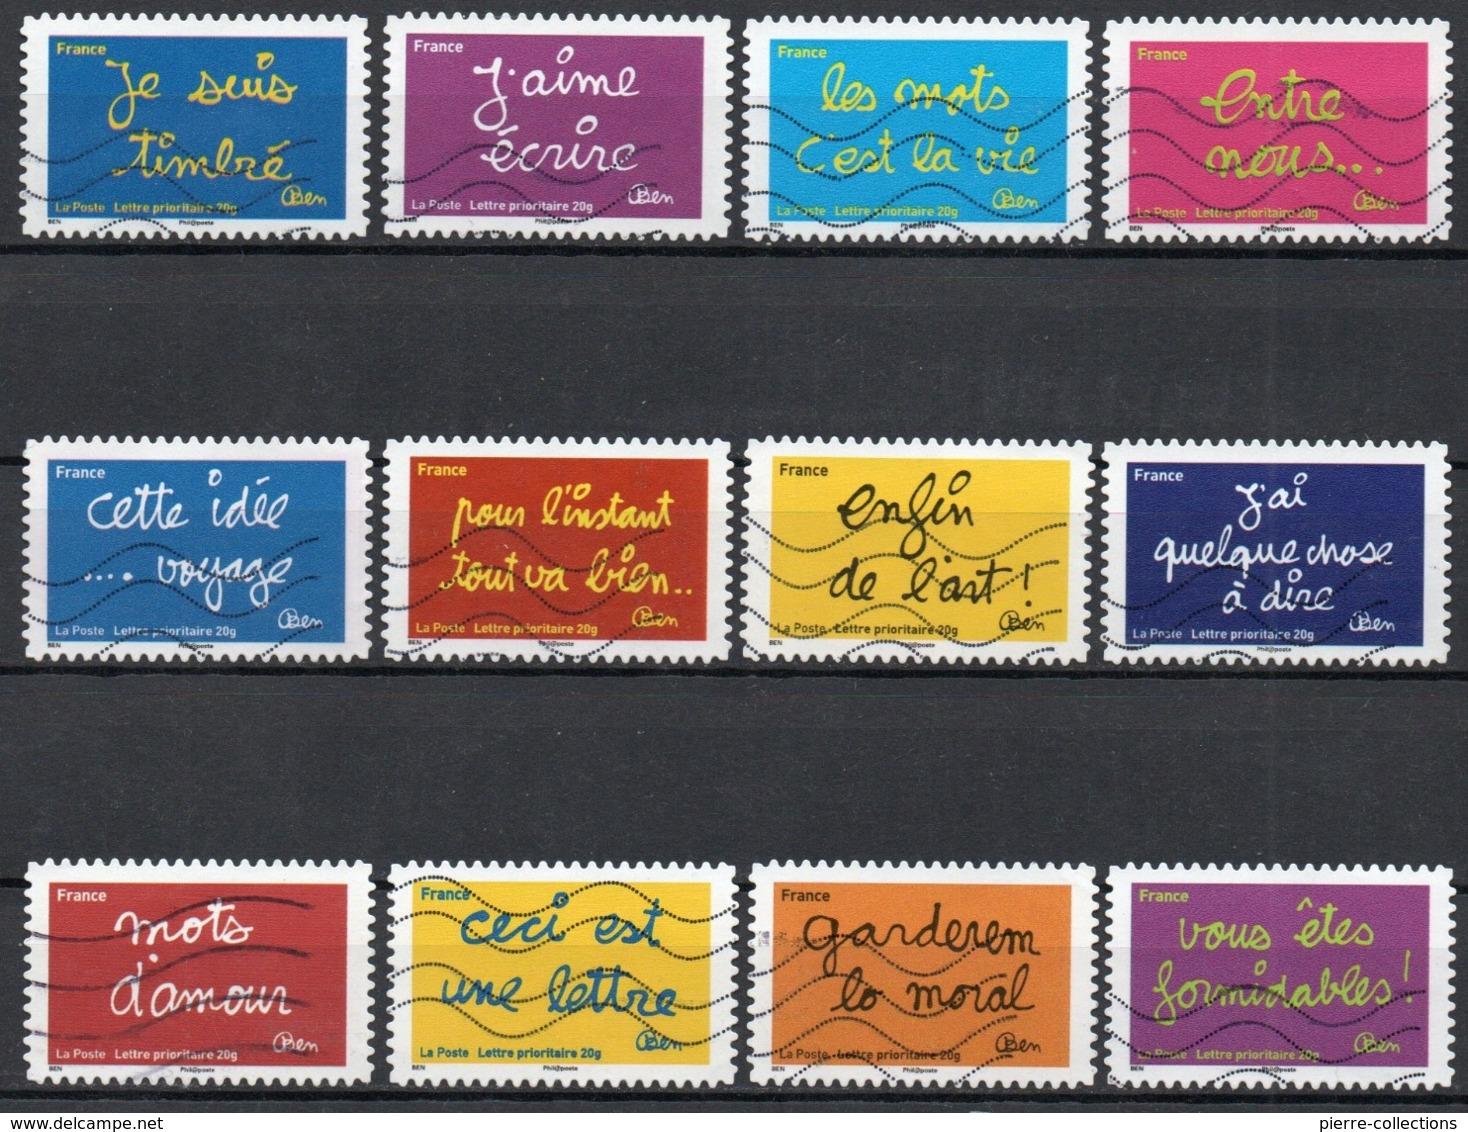 France - Adhésifs N° 609 à 620 Oblitérés - Série Complète - Sourires Par BEN - Illustrateur Benjamin Vautier - Francia